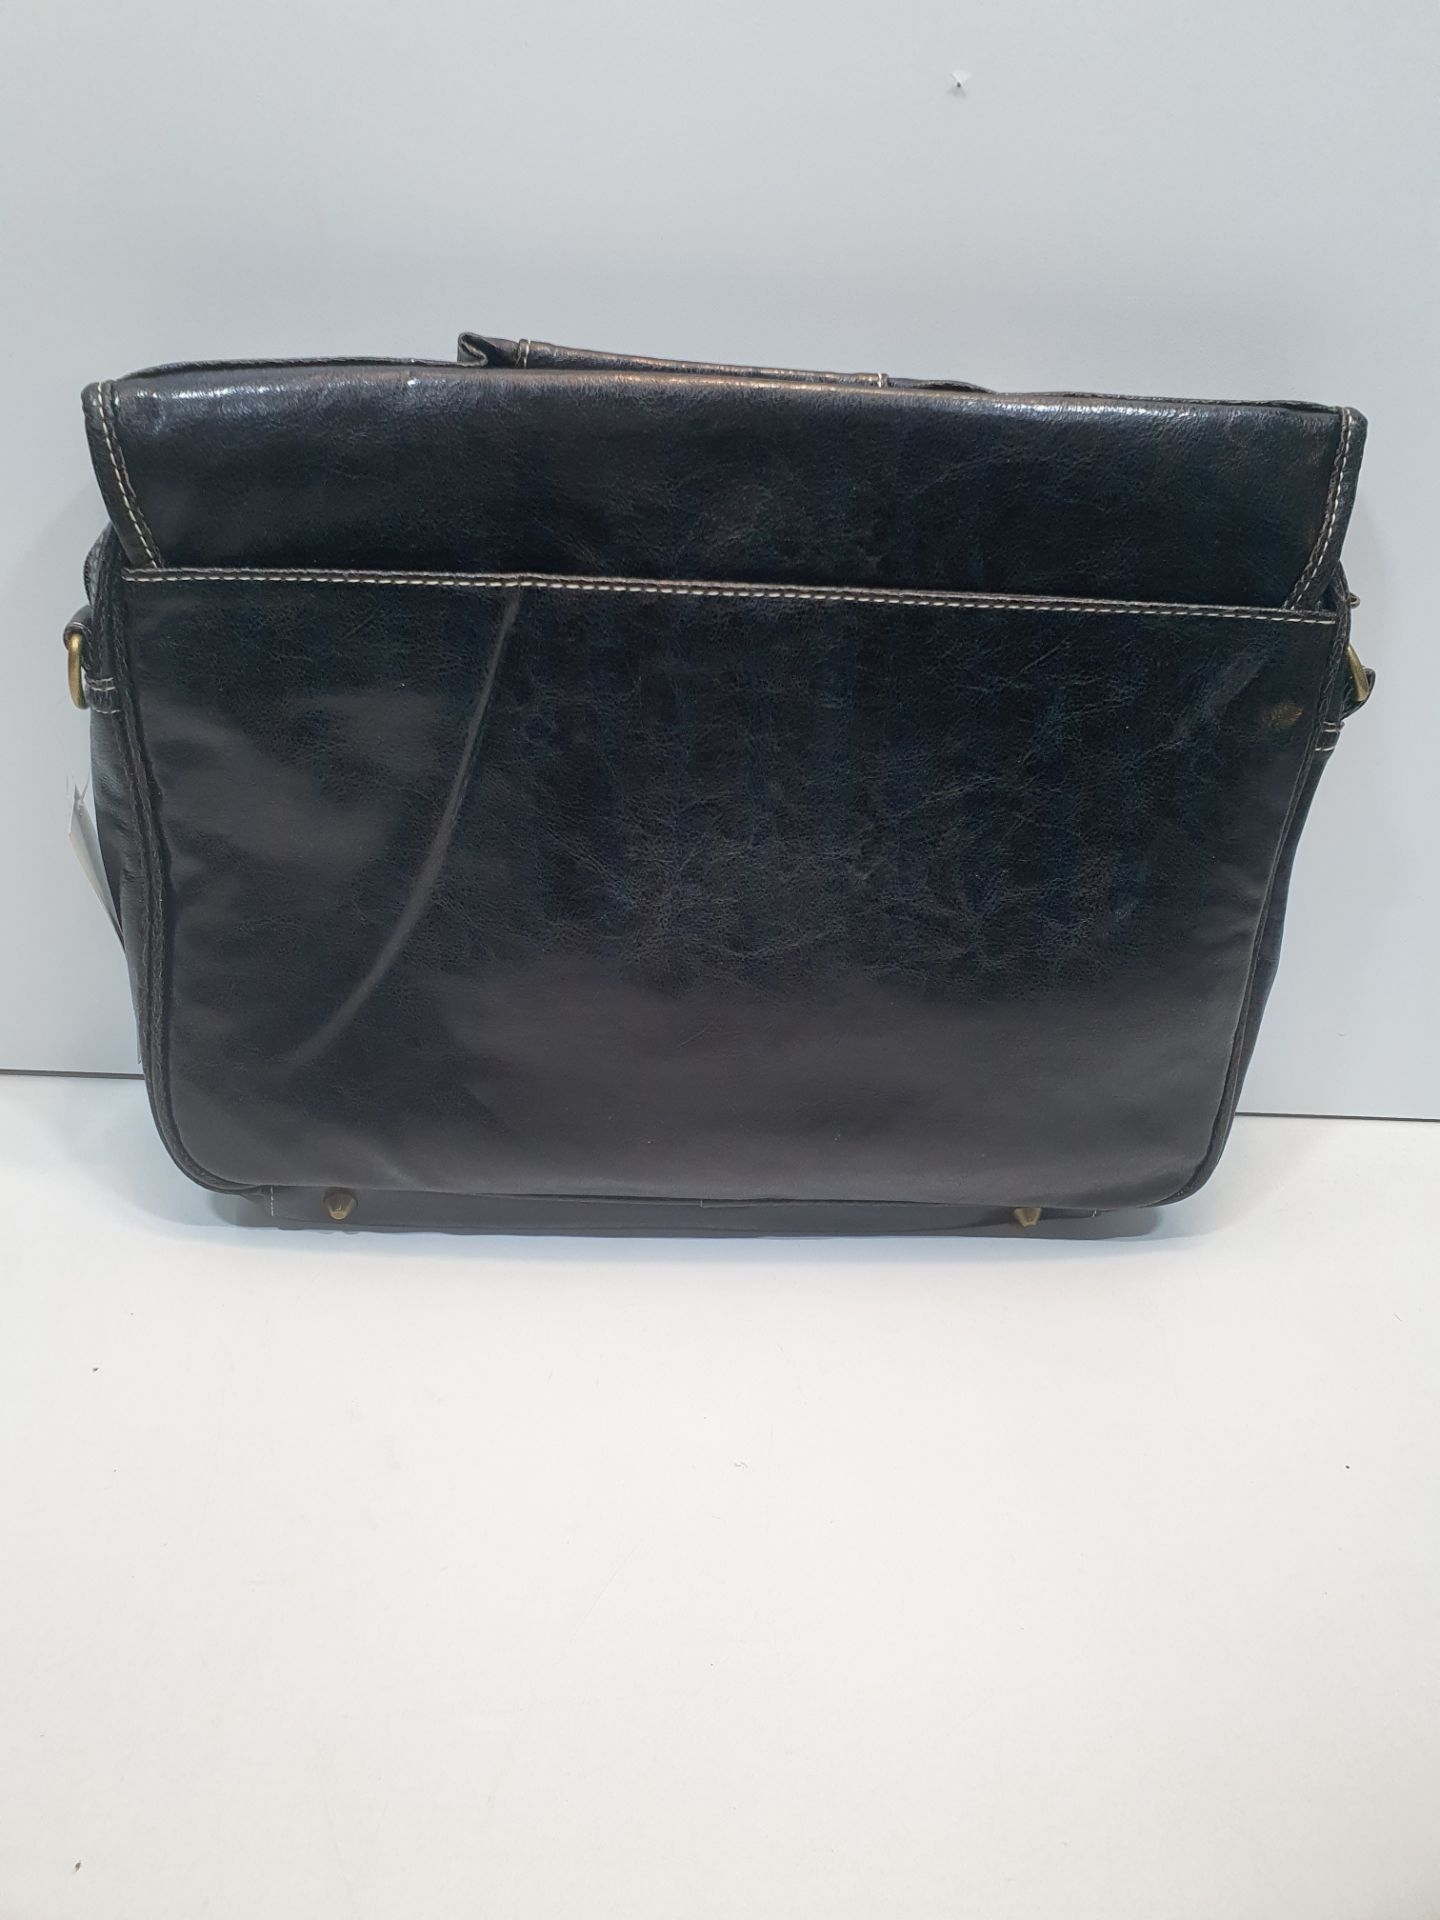 Dunlop Crack PVC Range Bag - Image 2 of 3